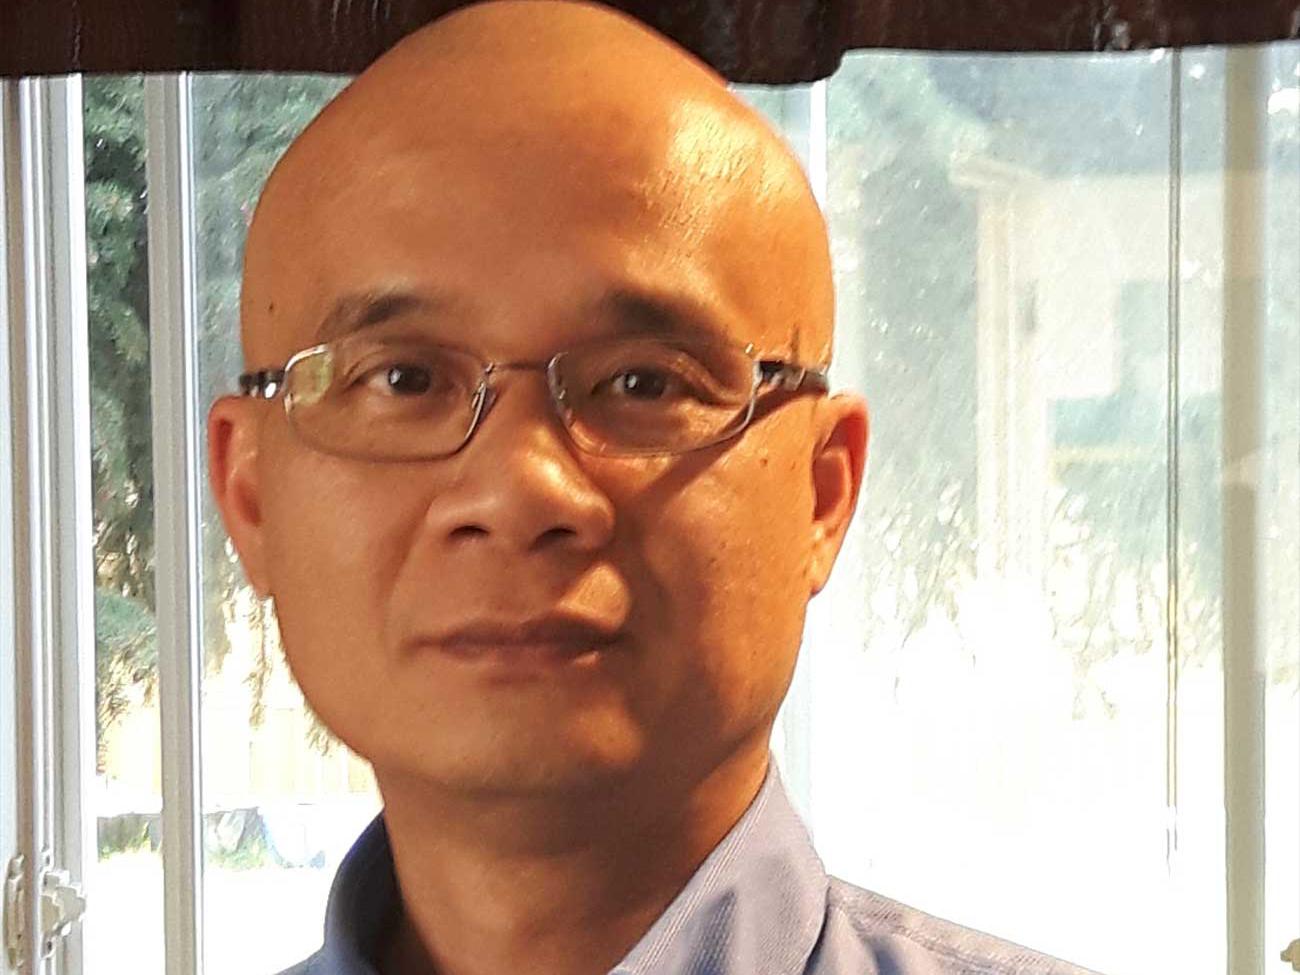 Martin Qin